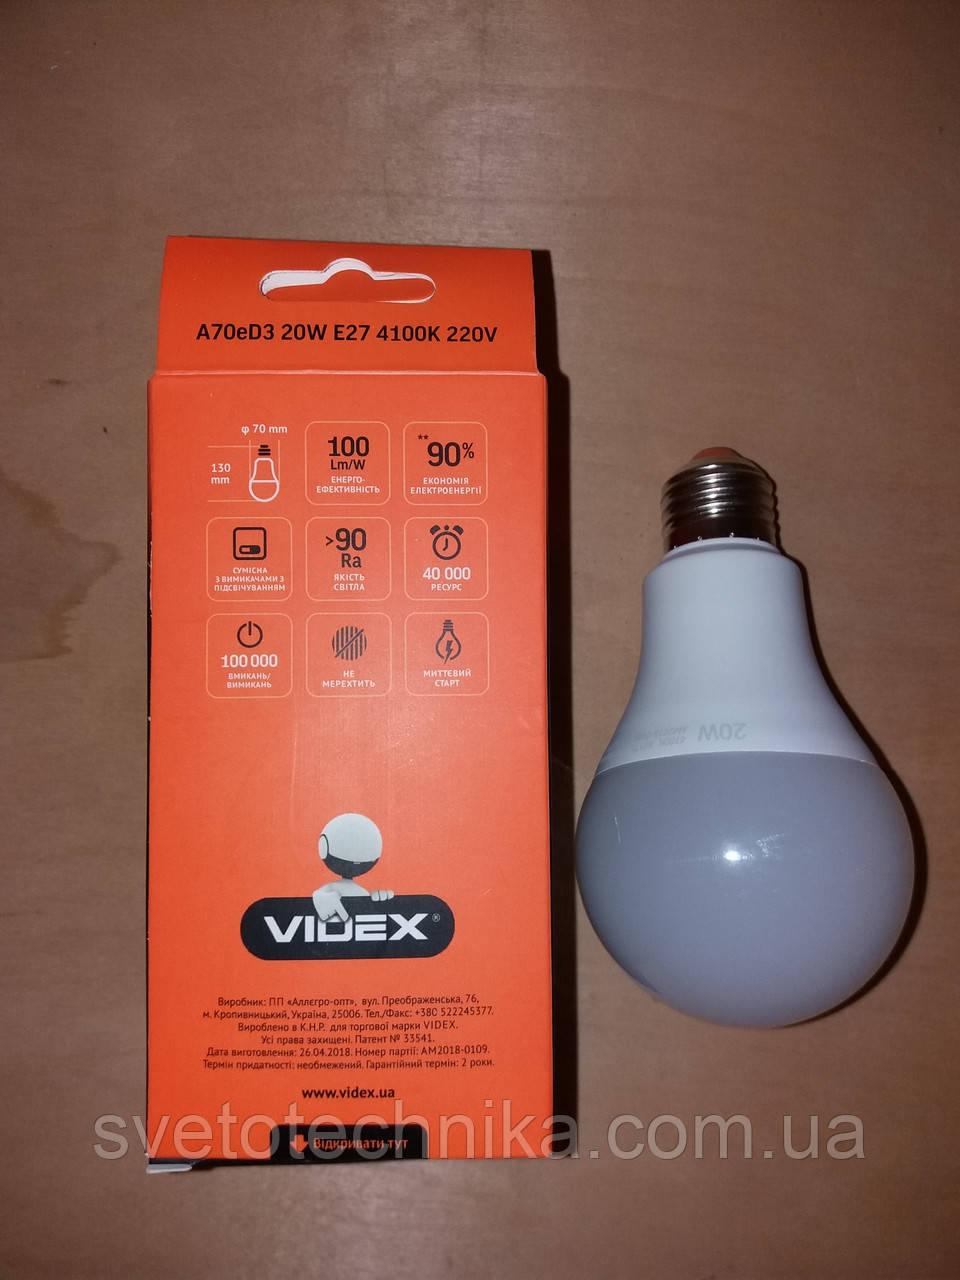 LED лампа с регулировкой яркости VIDEX A70eD3 20W E274100K 220V